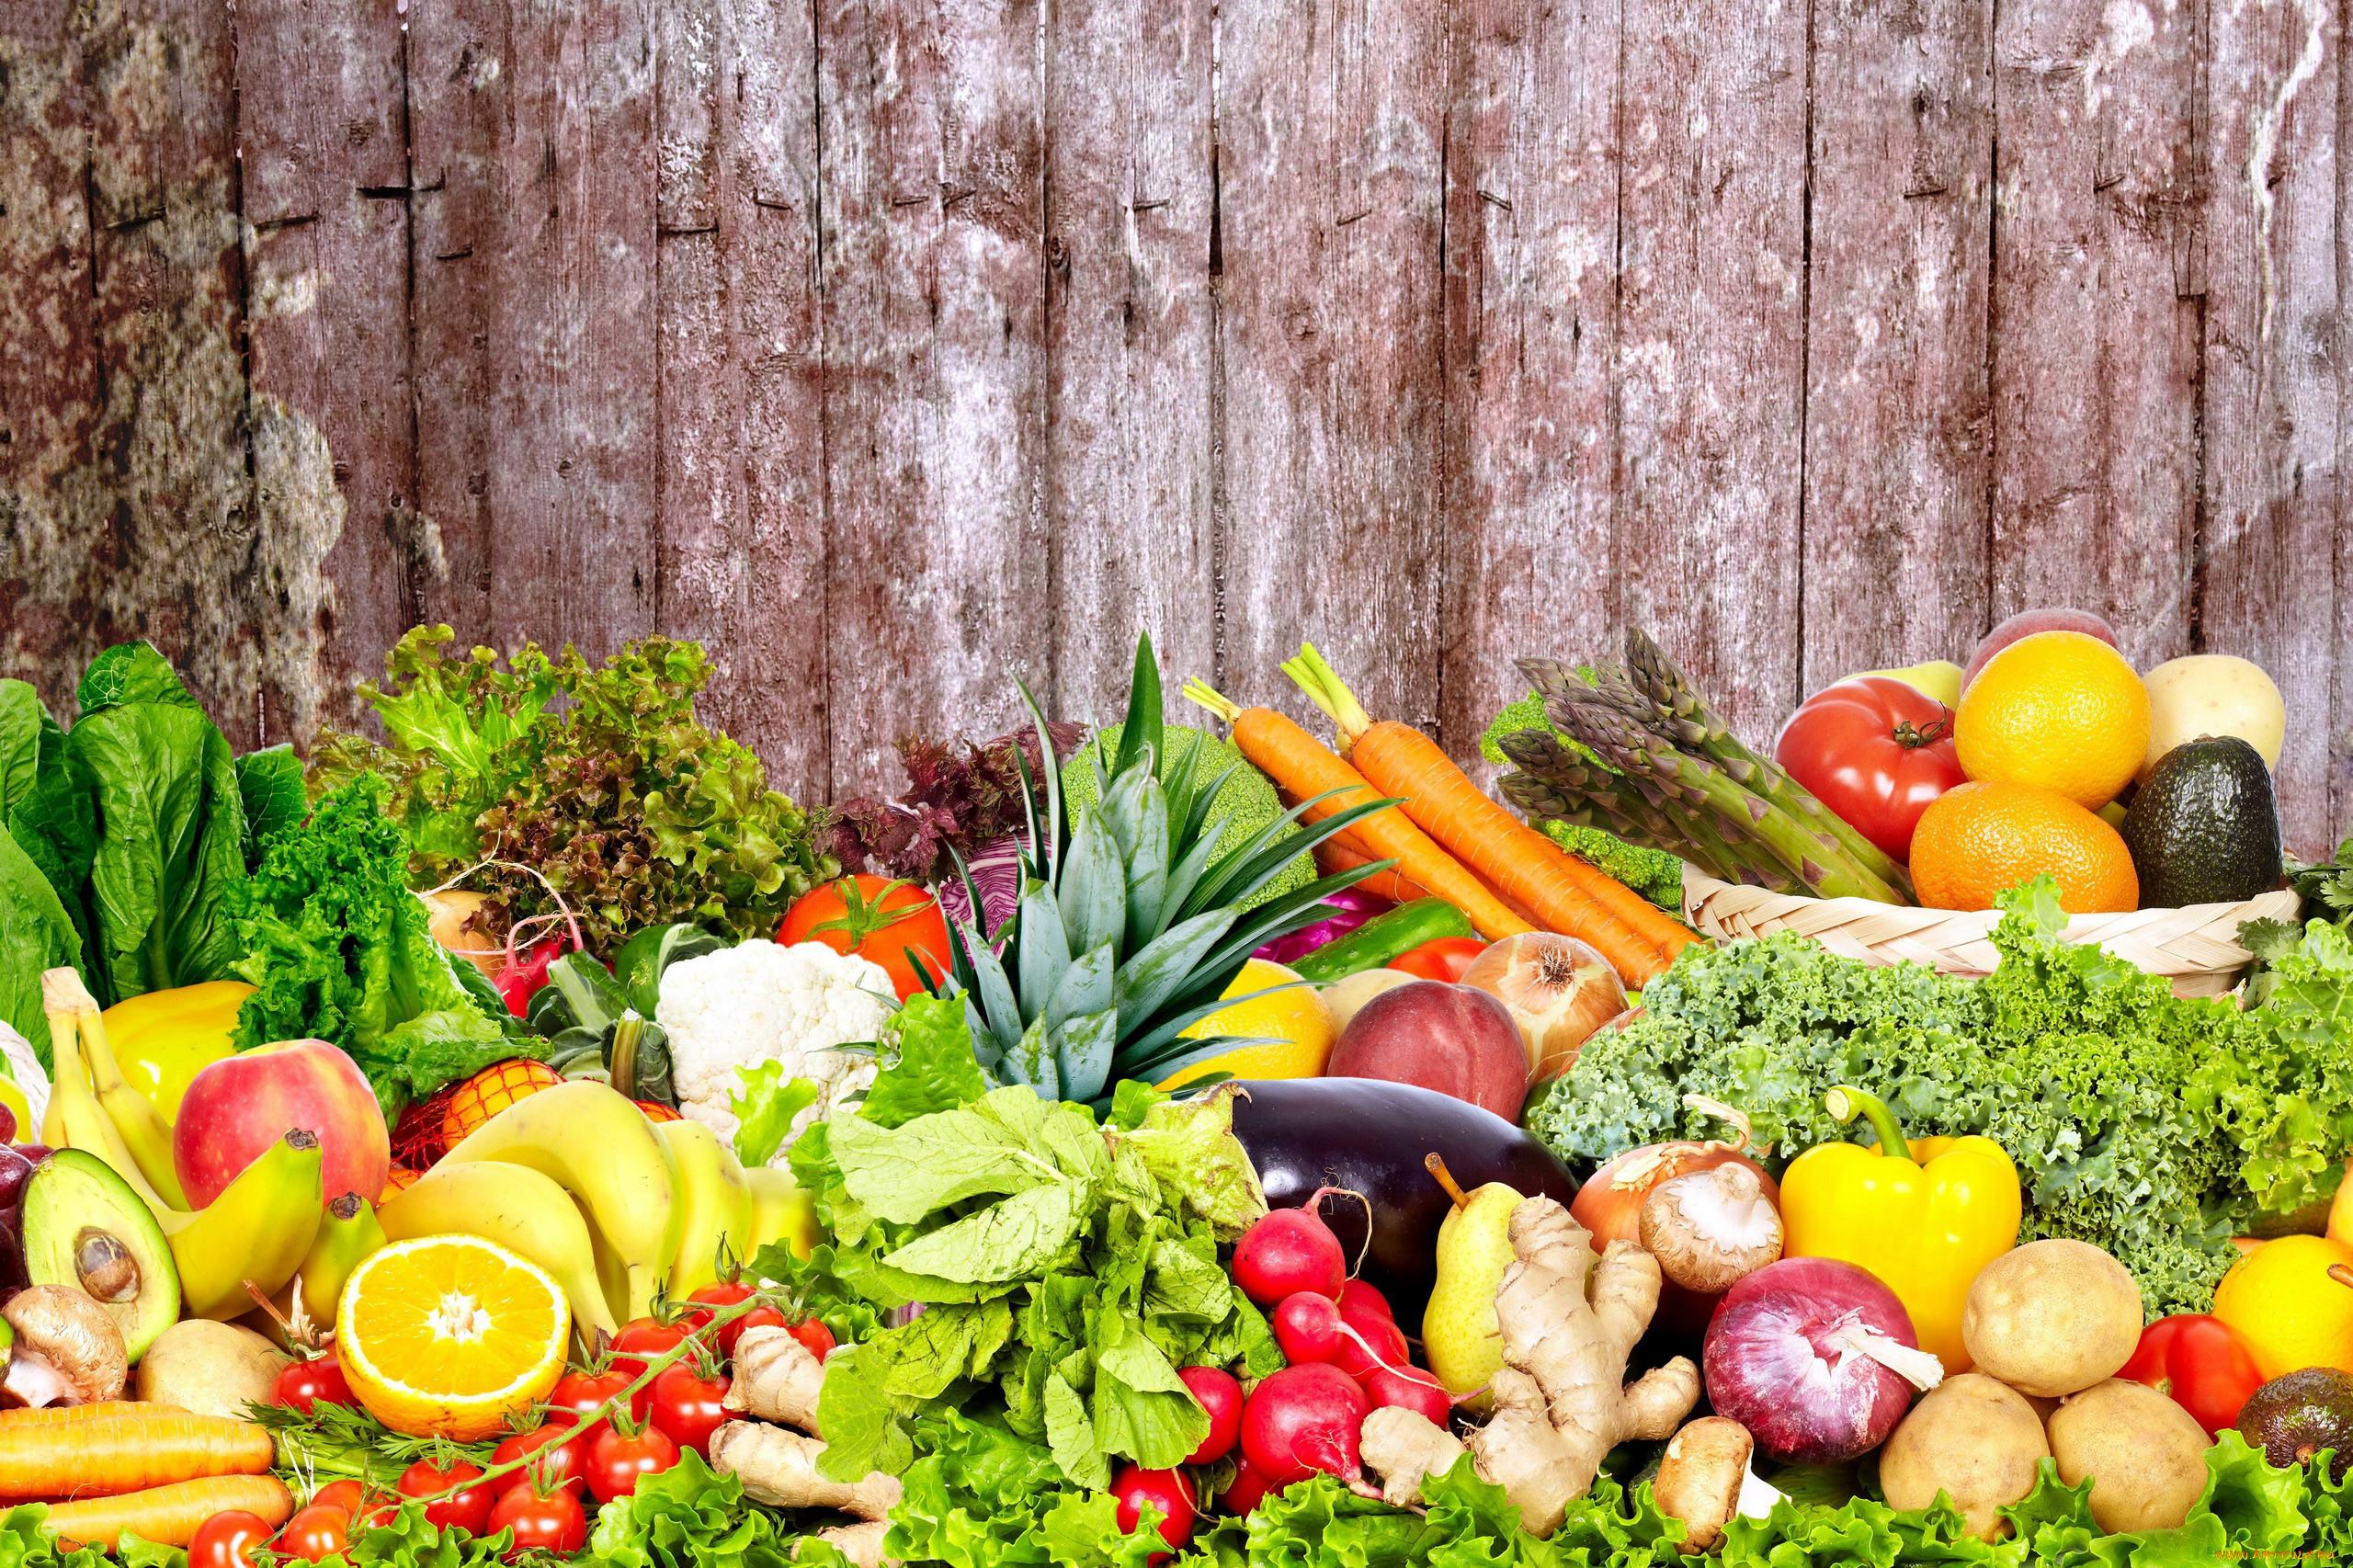 правильный выбор овощи и фрукты фотографии красивые нужен навесной